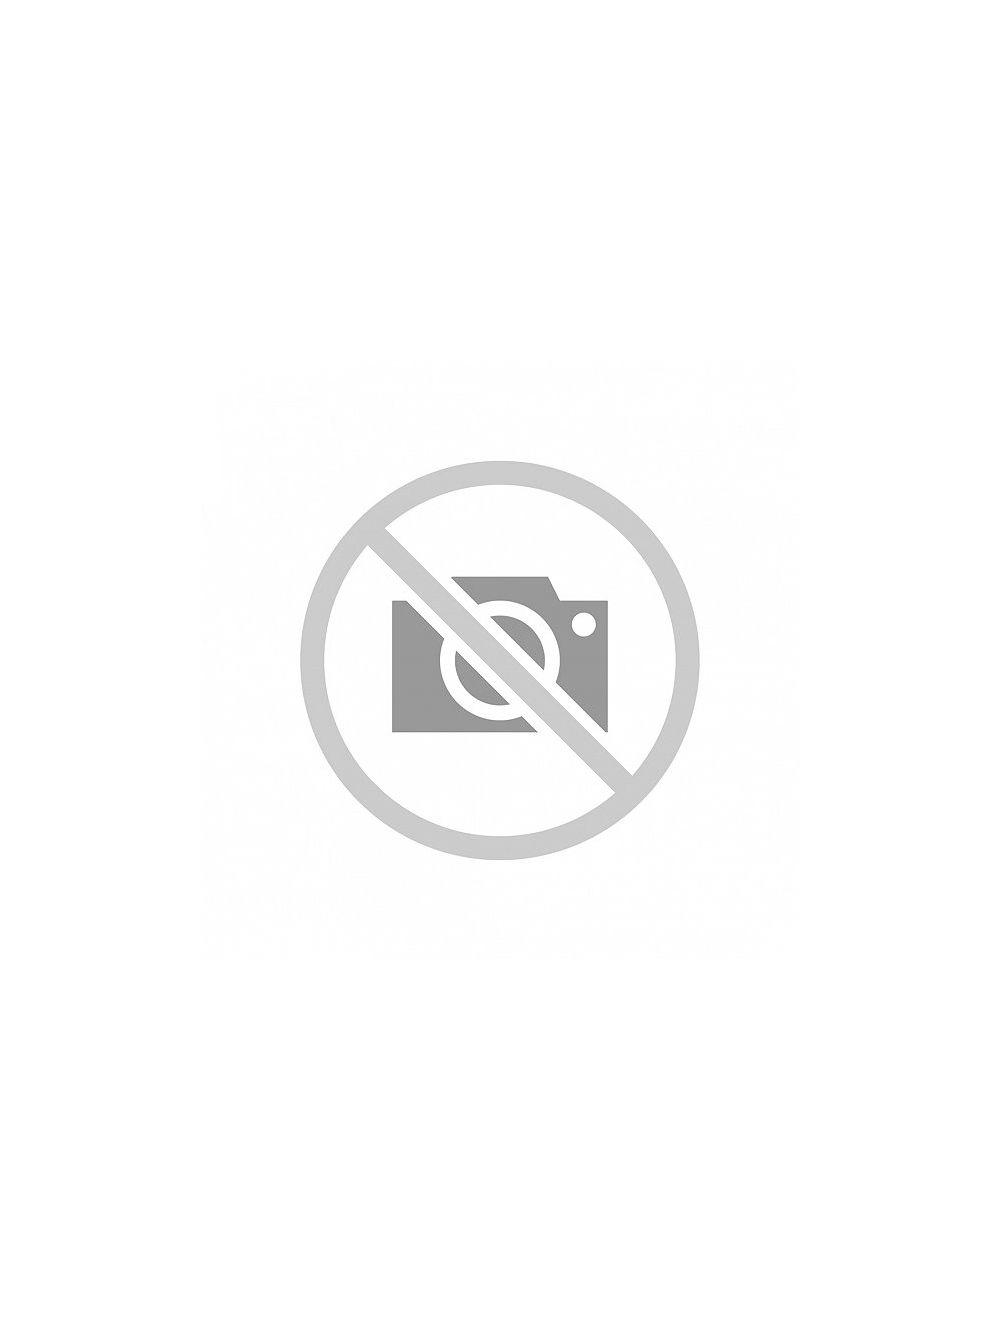 Hankook 245/45R19 V W330 XL Téli gumi